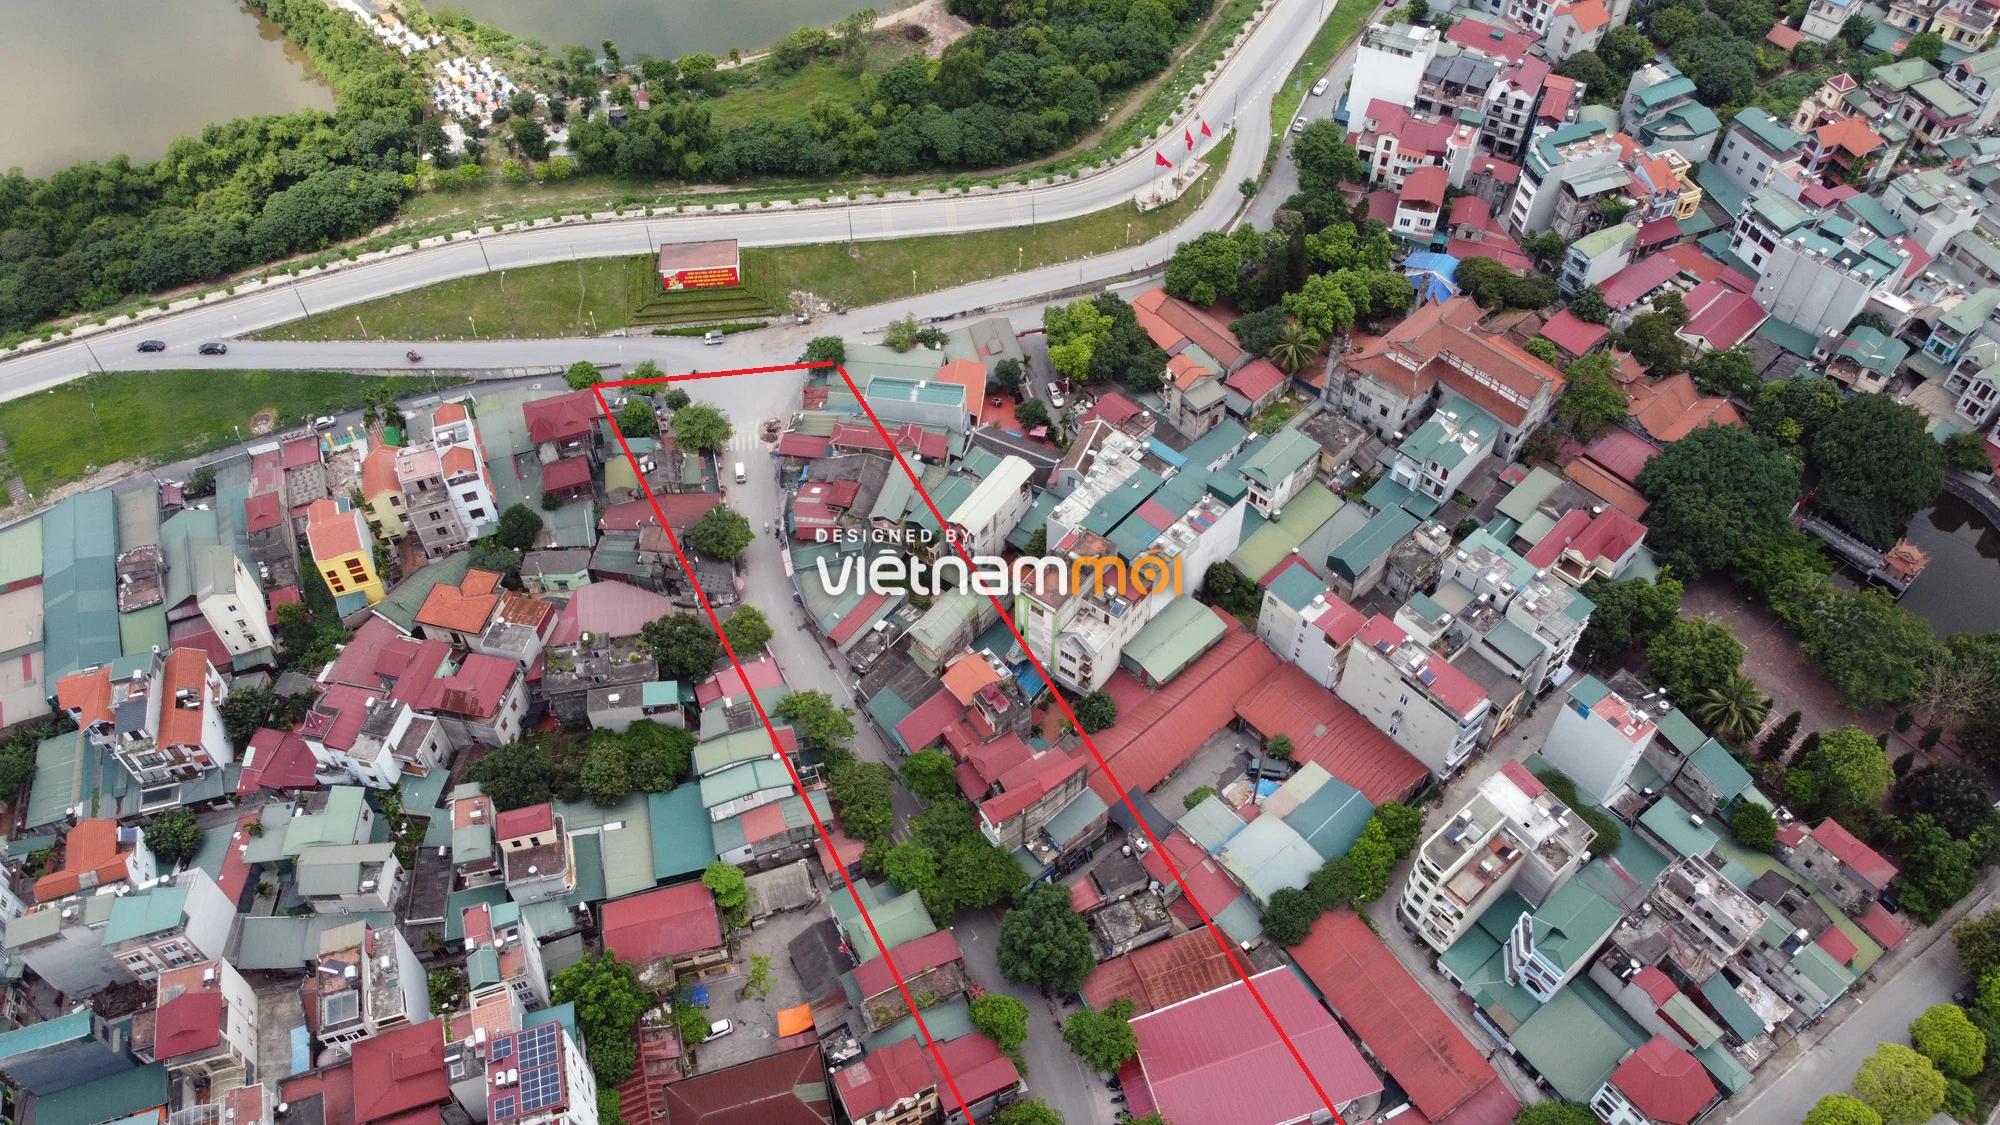 Những khu đất sắp thu hồi để mở đường ở phường Long Biên, Long Biên, Hà Nội (phần 4) - Ảnh 9.